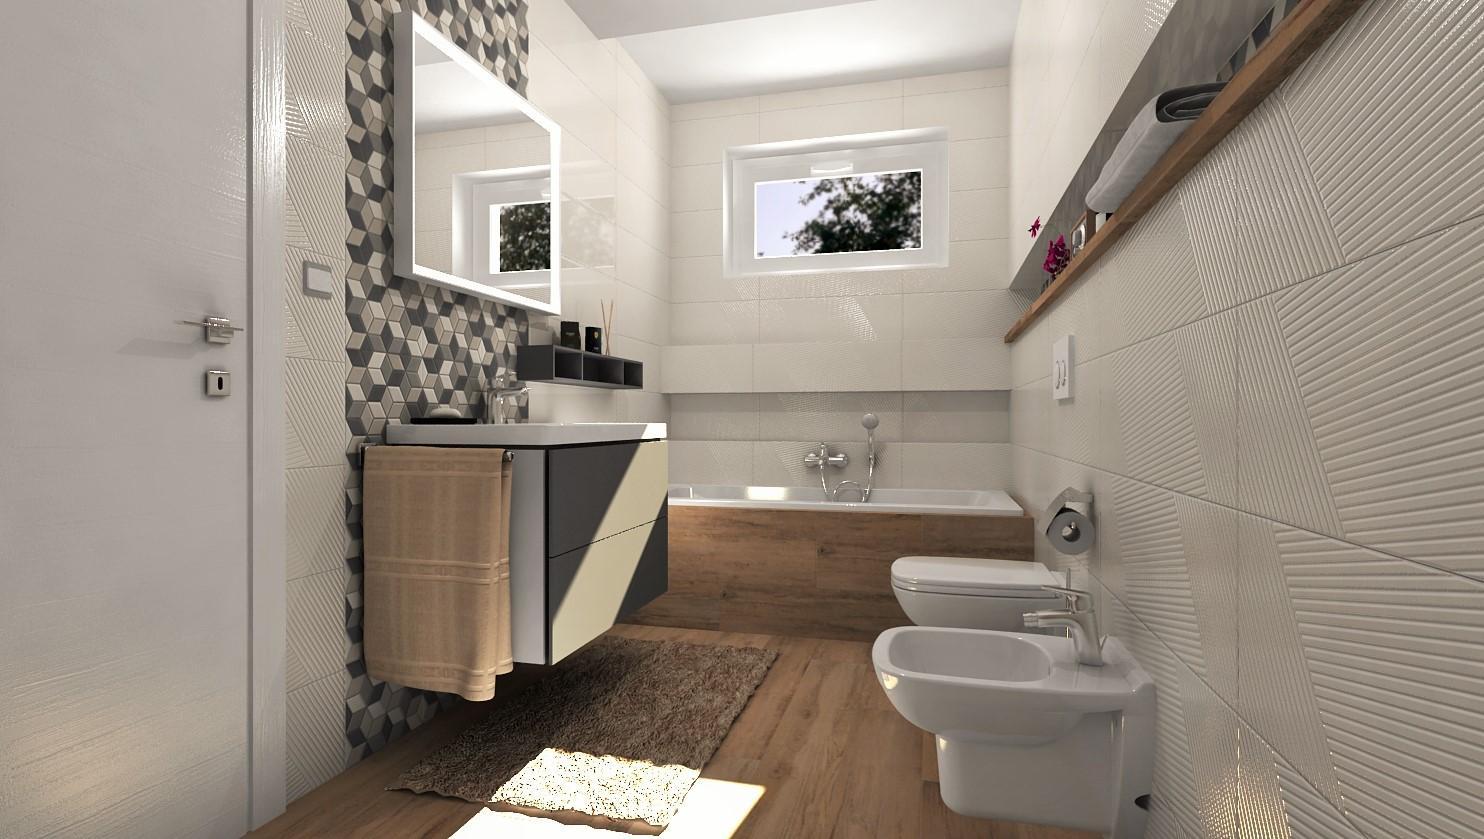 Návrhy a vizualizácie kúpeľní - Obrázok č. 86